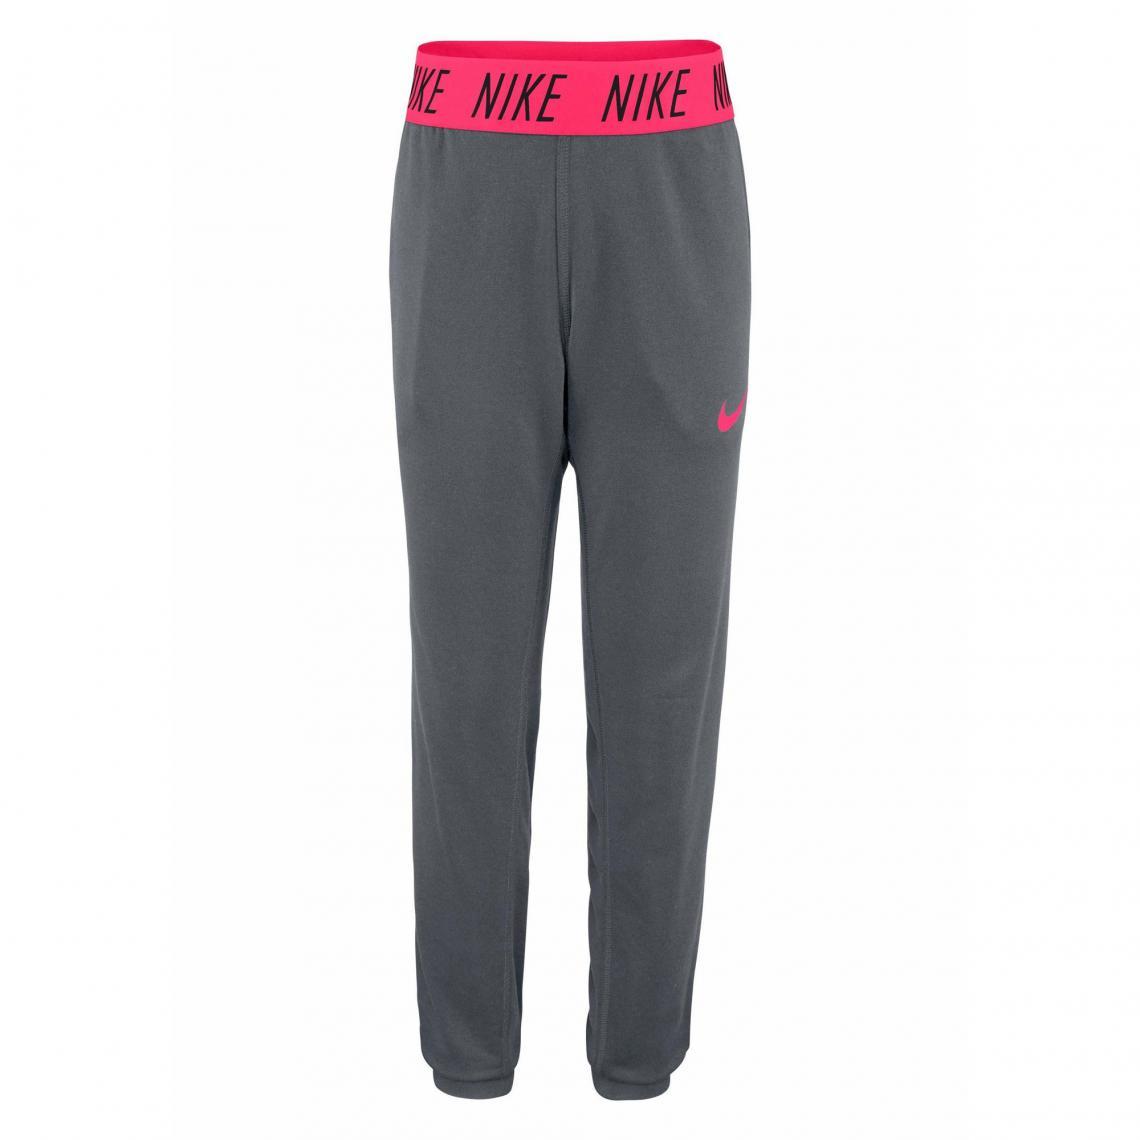 revendeur 0067e e54b3 Pantalon de survêtement femme Dri-FIT® Nike - Gris | 3 SUISSES